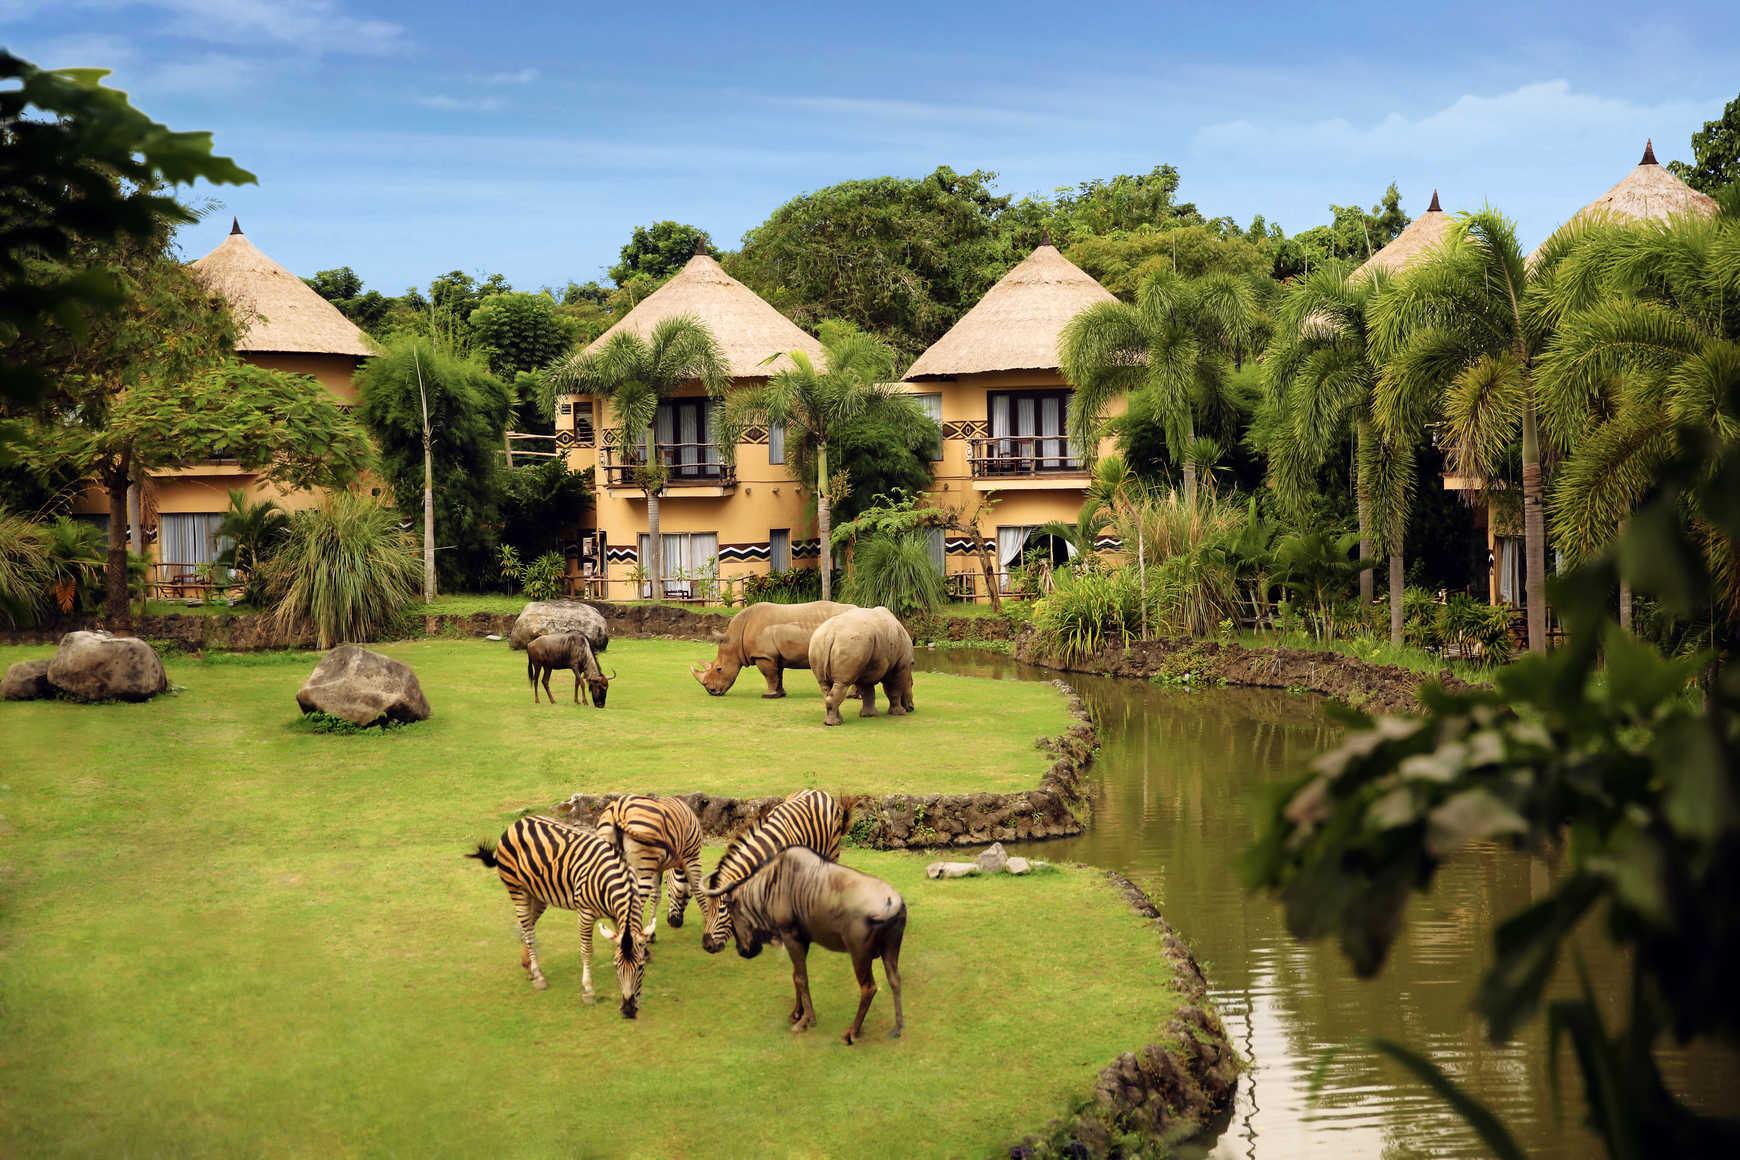 同程首页 海外玩乐首页 巴厘岛野生动物园  与聪明大象,滚圆河马,猩